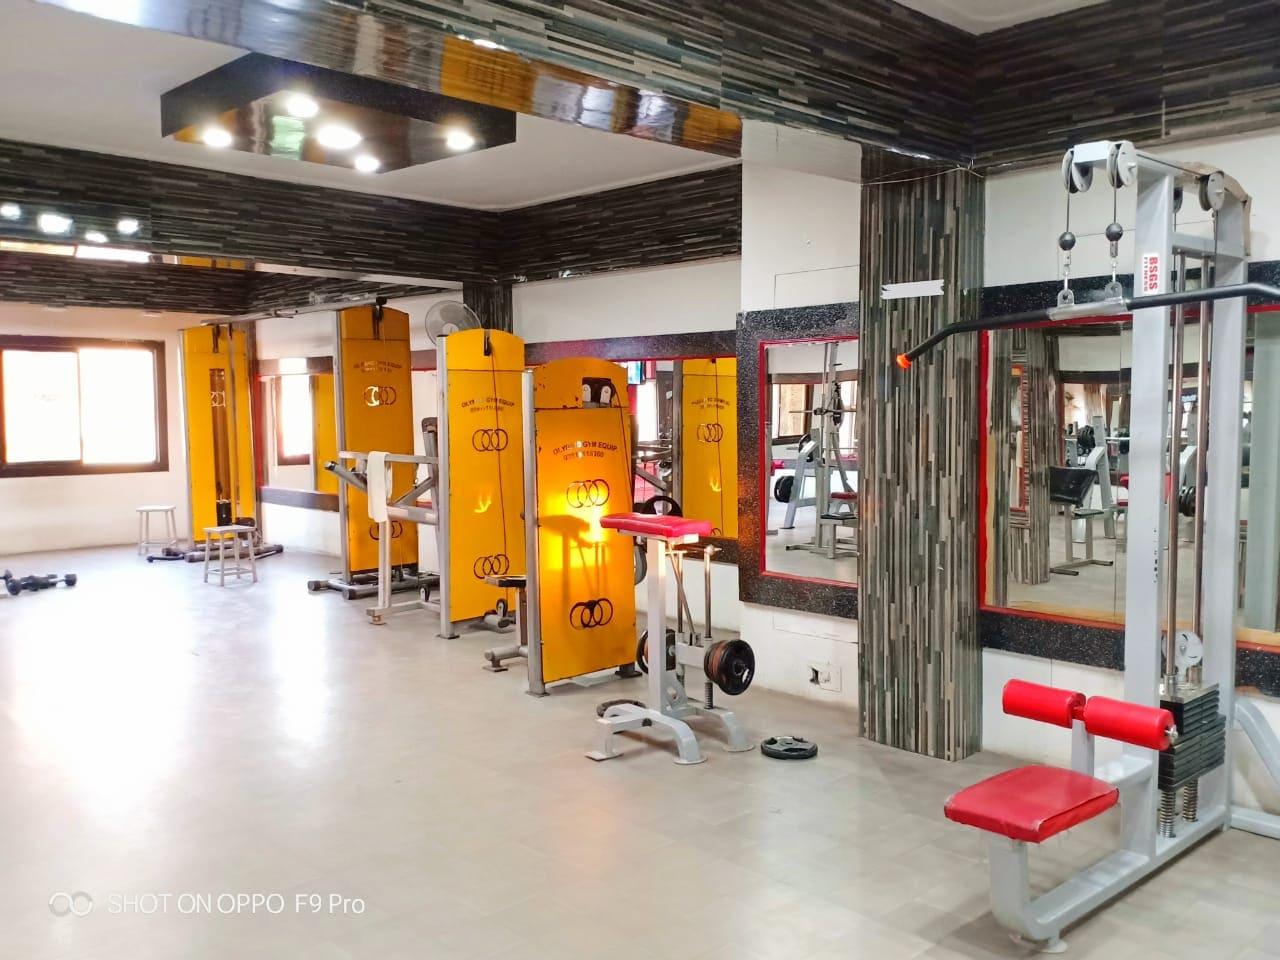 centru de pierdere în greutate în bhopal